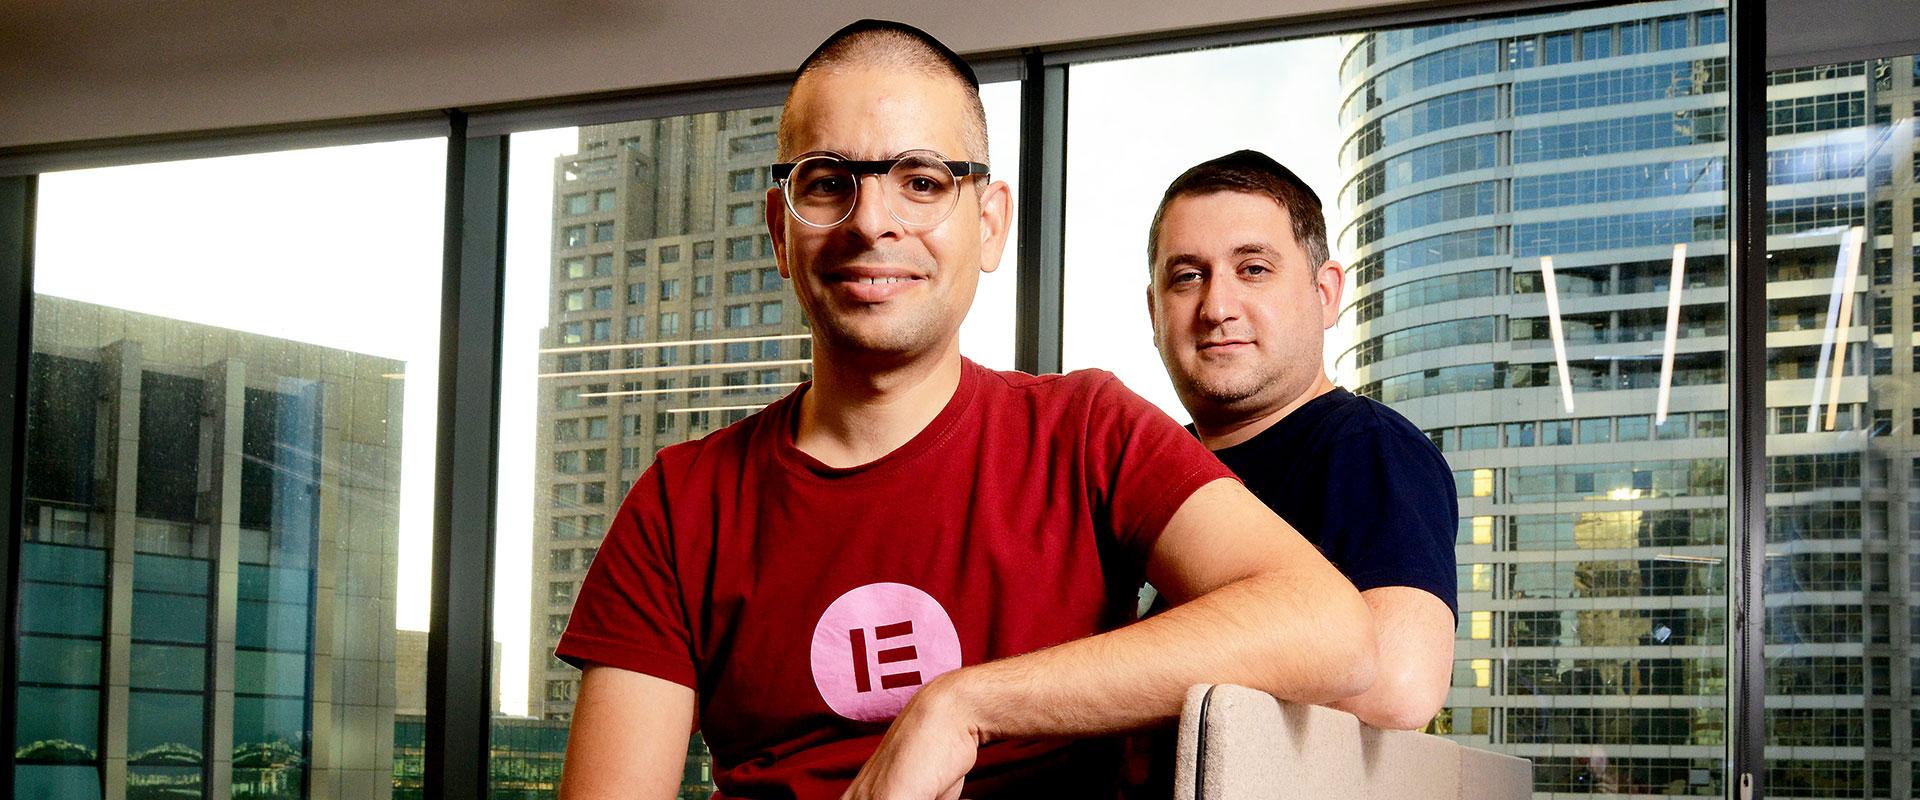 10 הסטארט-אפים המבטיחים 2020 - יוני לוקסנבורג ואריאל קליקשטיין, מייסדי Elementor / צילום: איל יצהר, גלובס